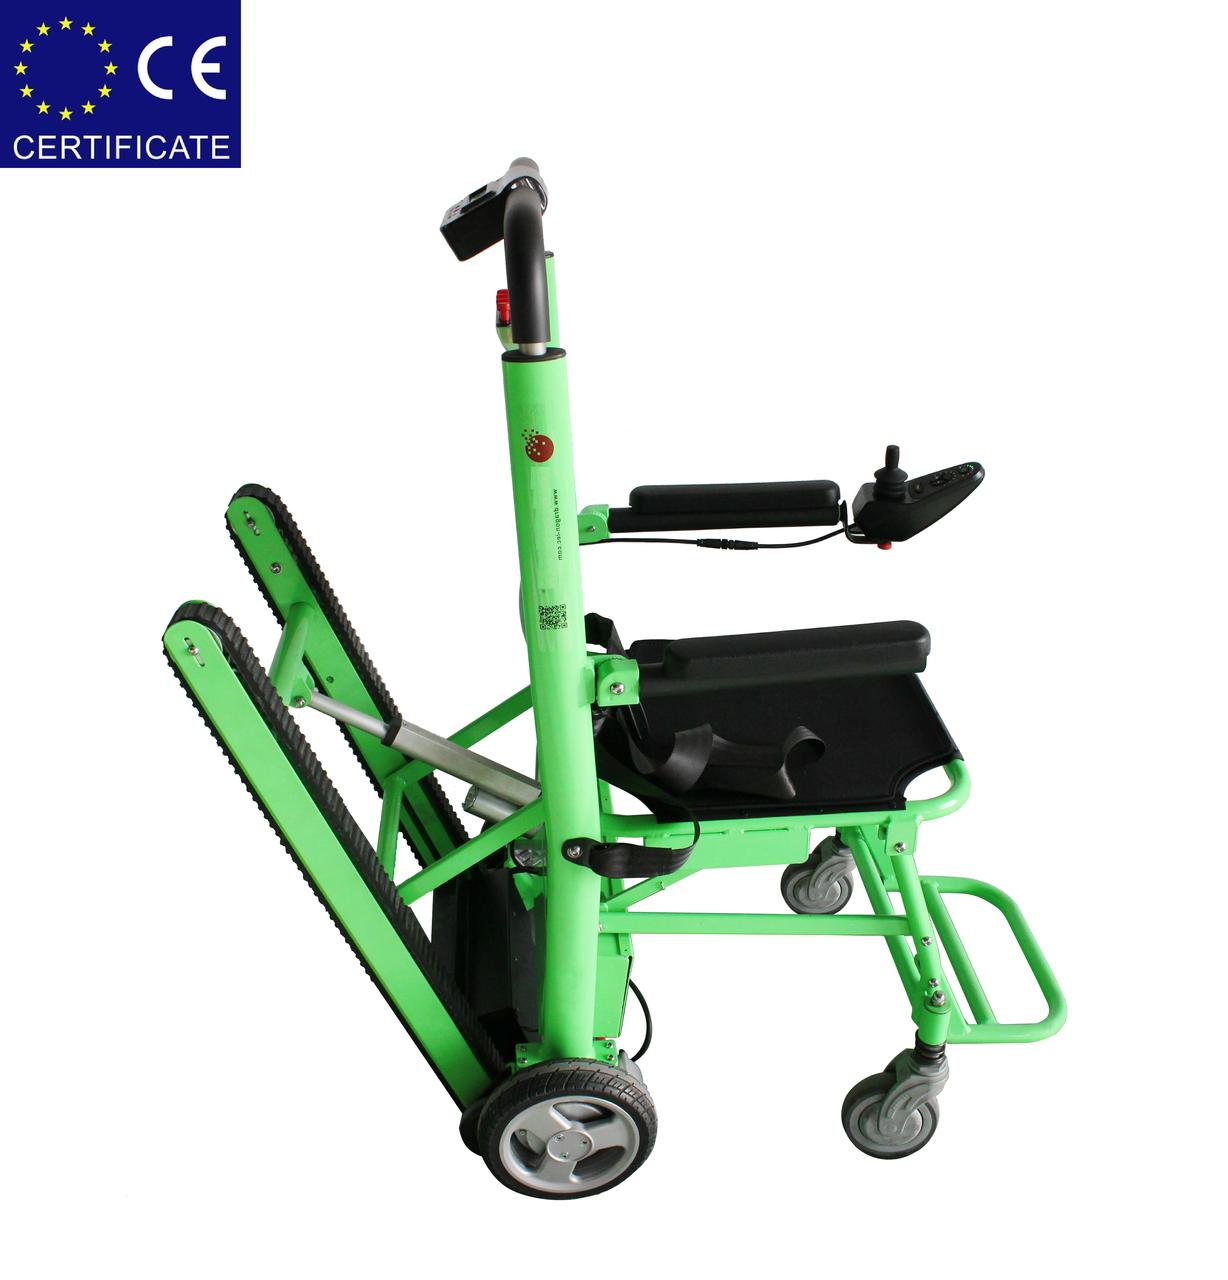 Лестничный подъемник для инвалидов электроколяска 003A Super. Инвалидная коляска.